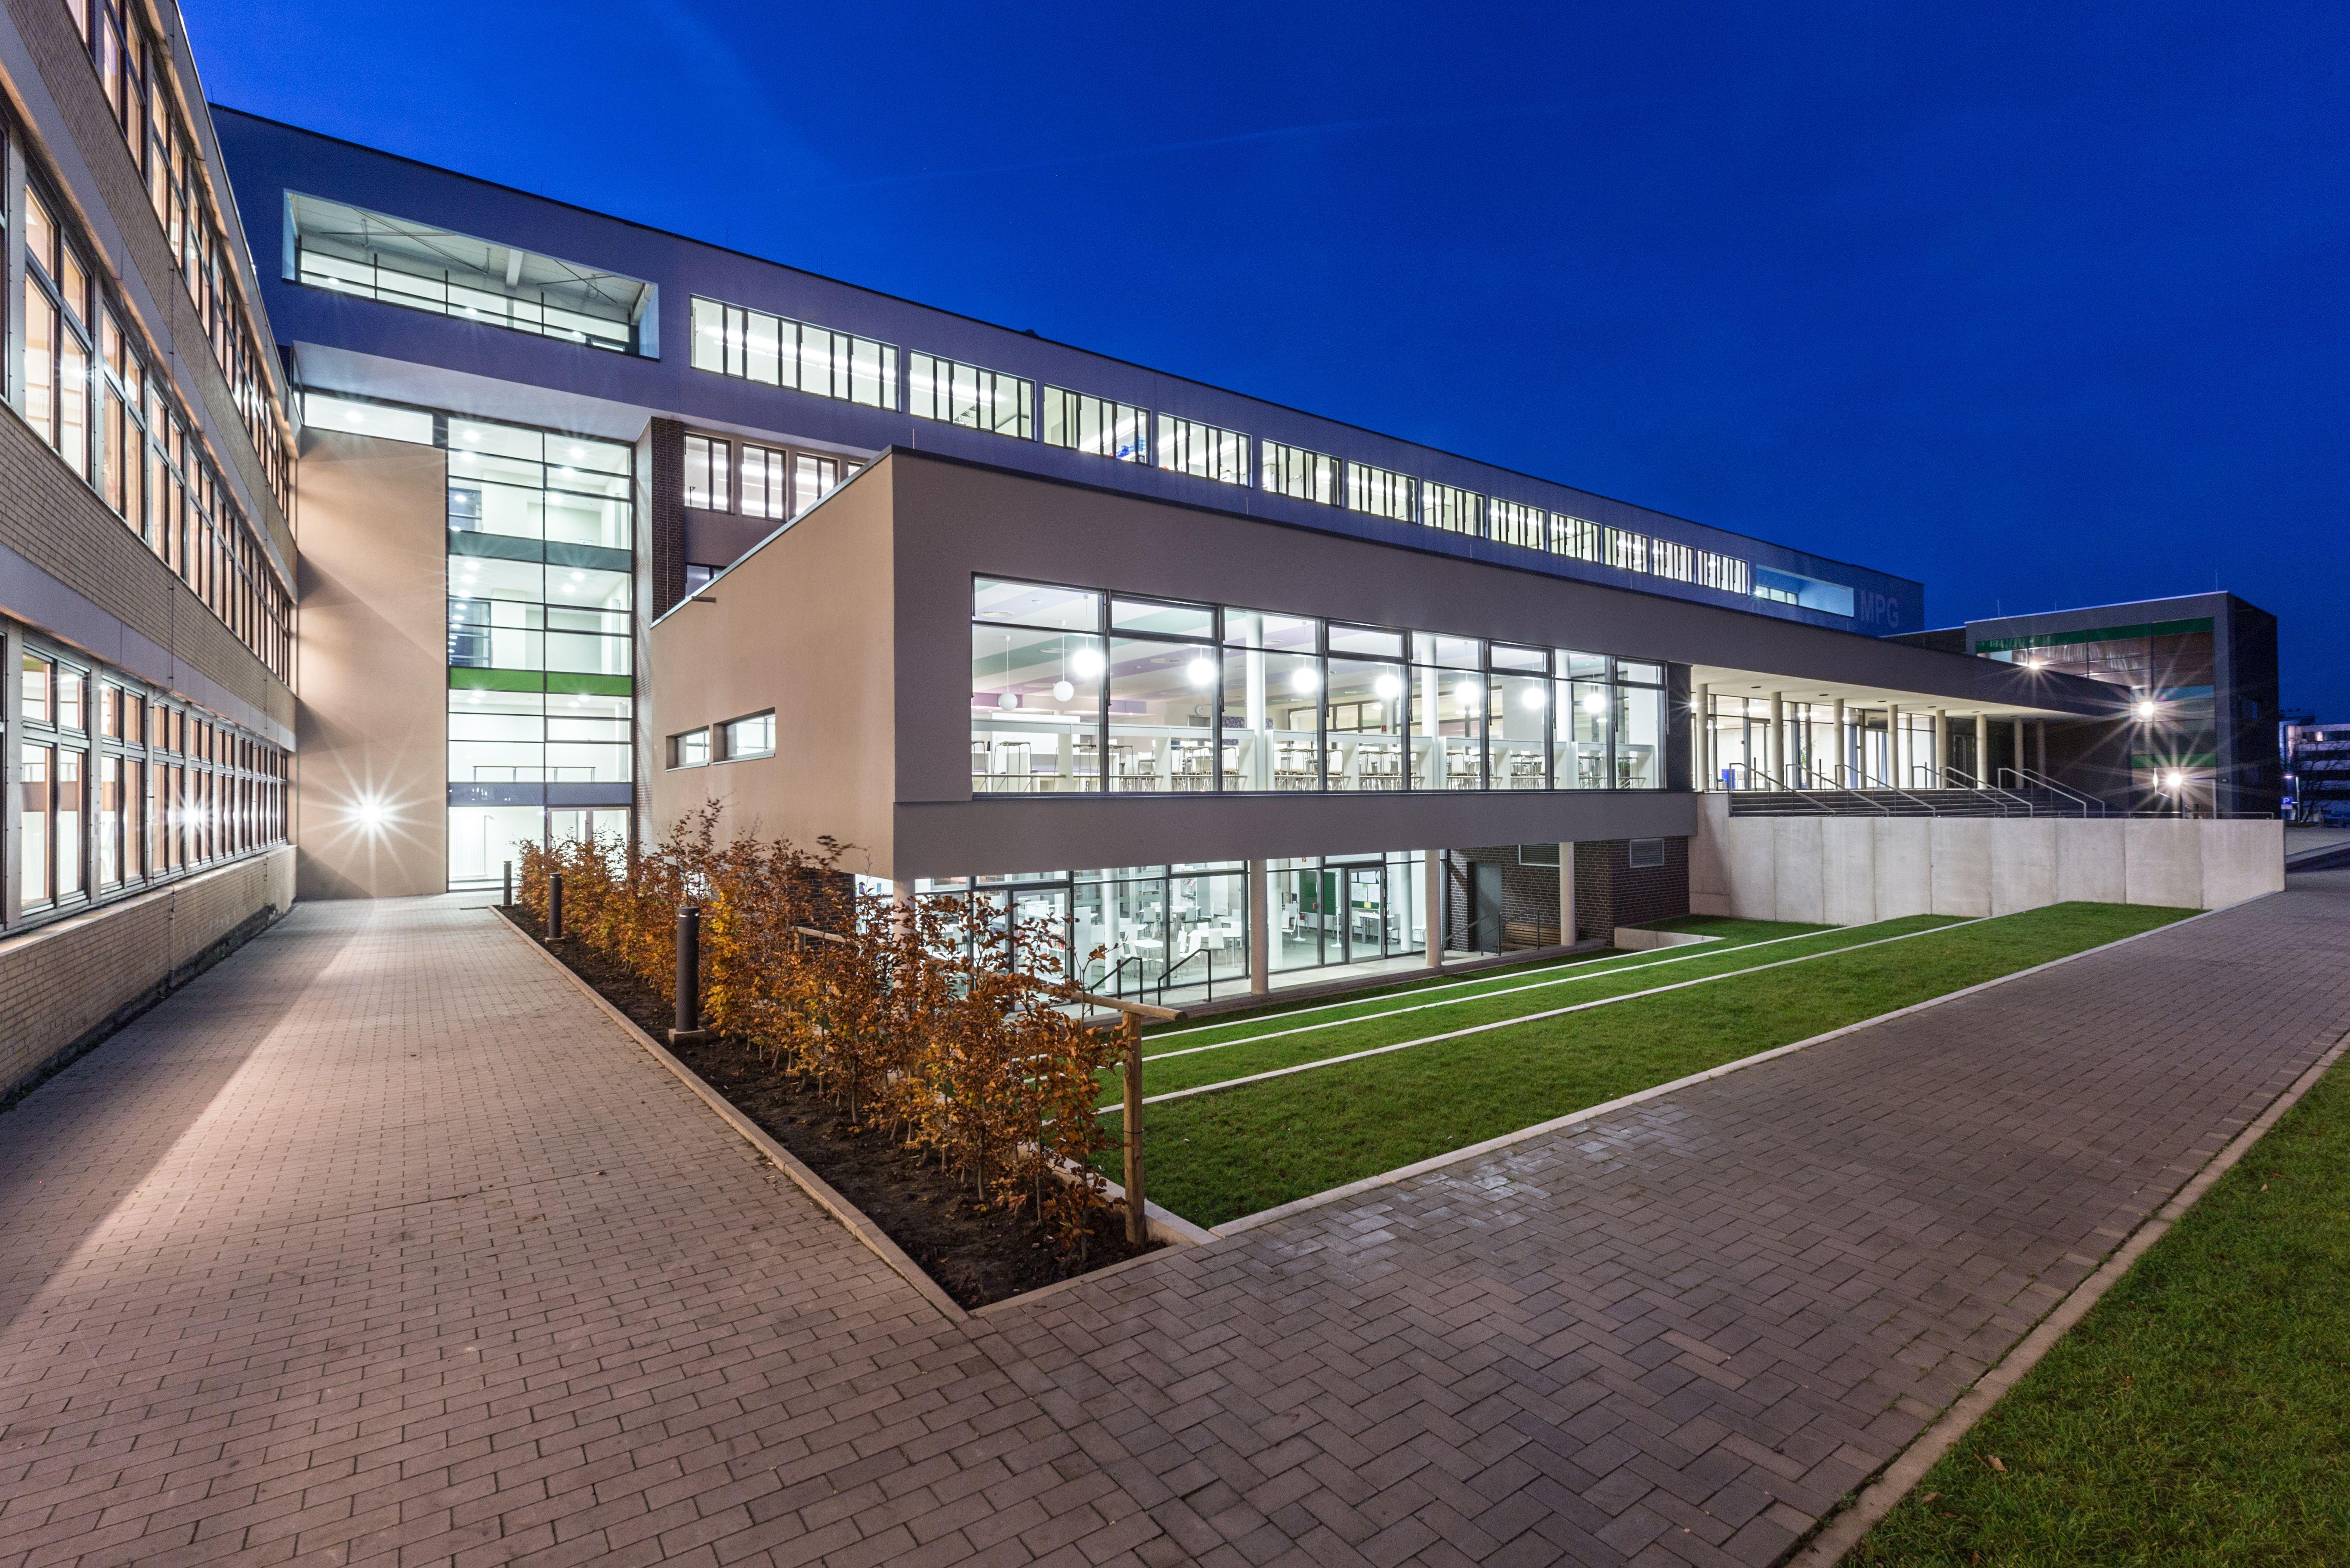 brüchner hüttemann pasch bhp Architekten Generalplaner GmbH Mensa Schulzentrum Aspe Bad Salzuflen Foto Klemens Ortmeyer bhparchitekten arch…